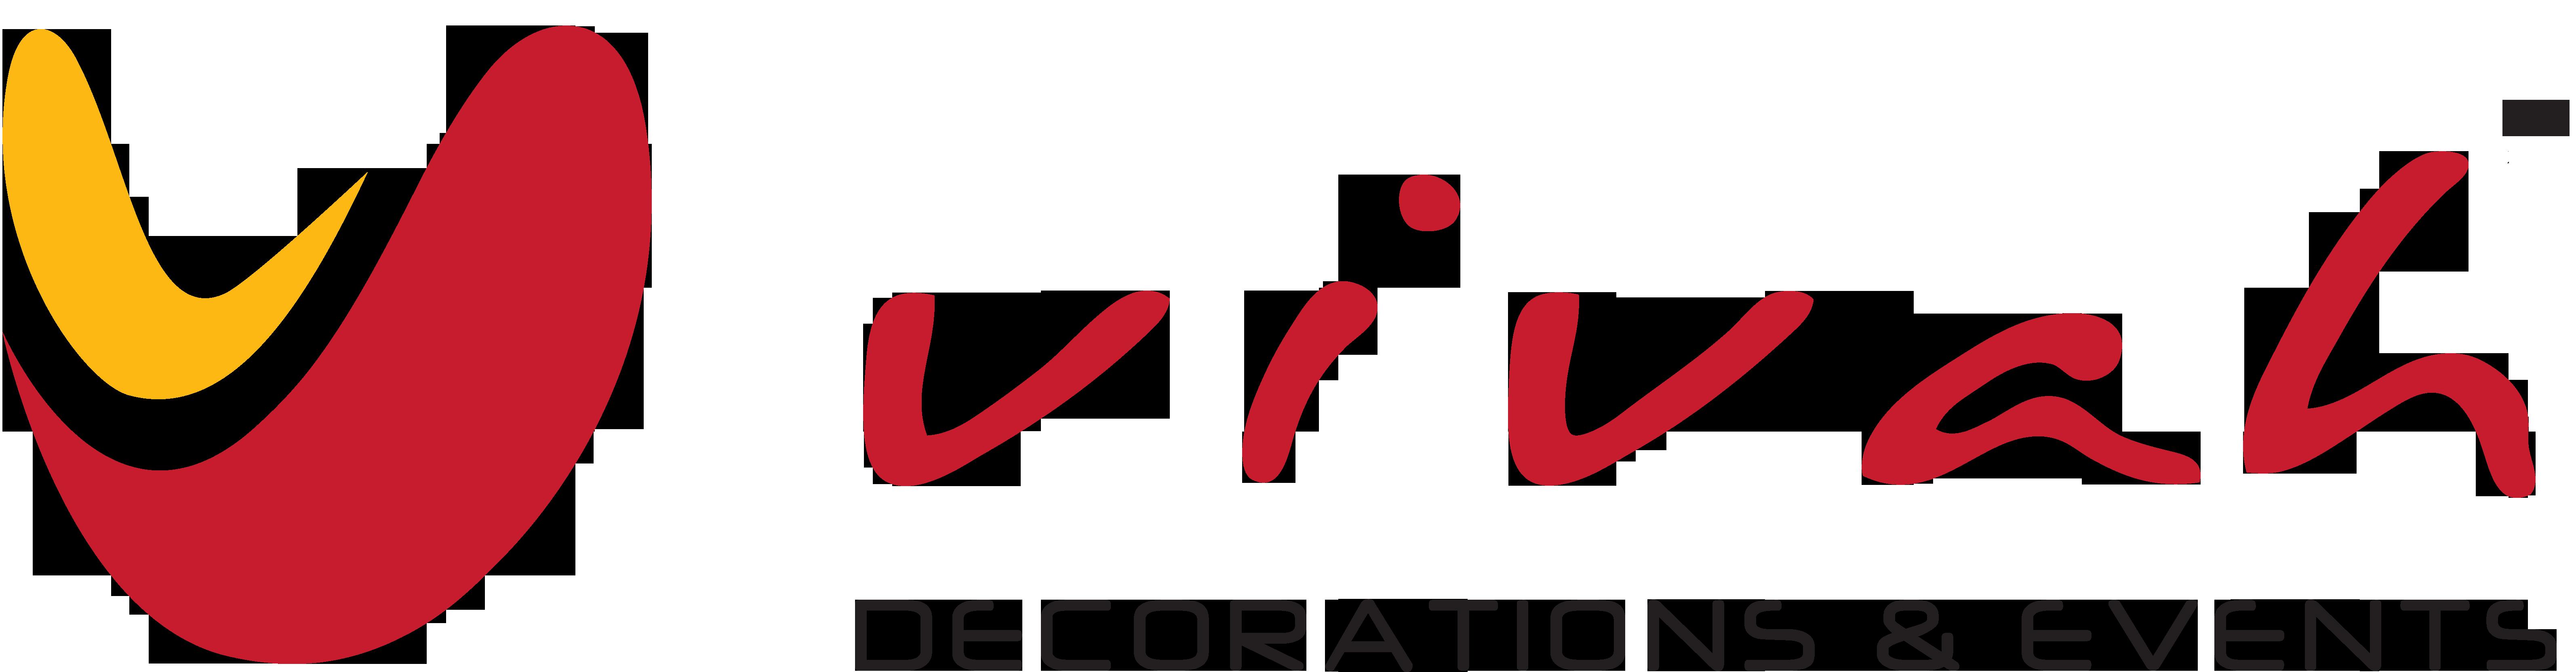 Vivah PNG-PlusPNG.com-6375 - Vivah PNG